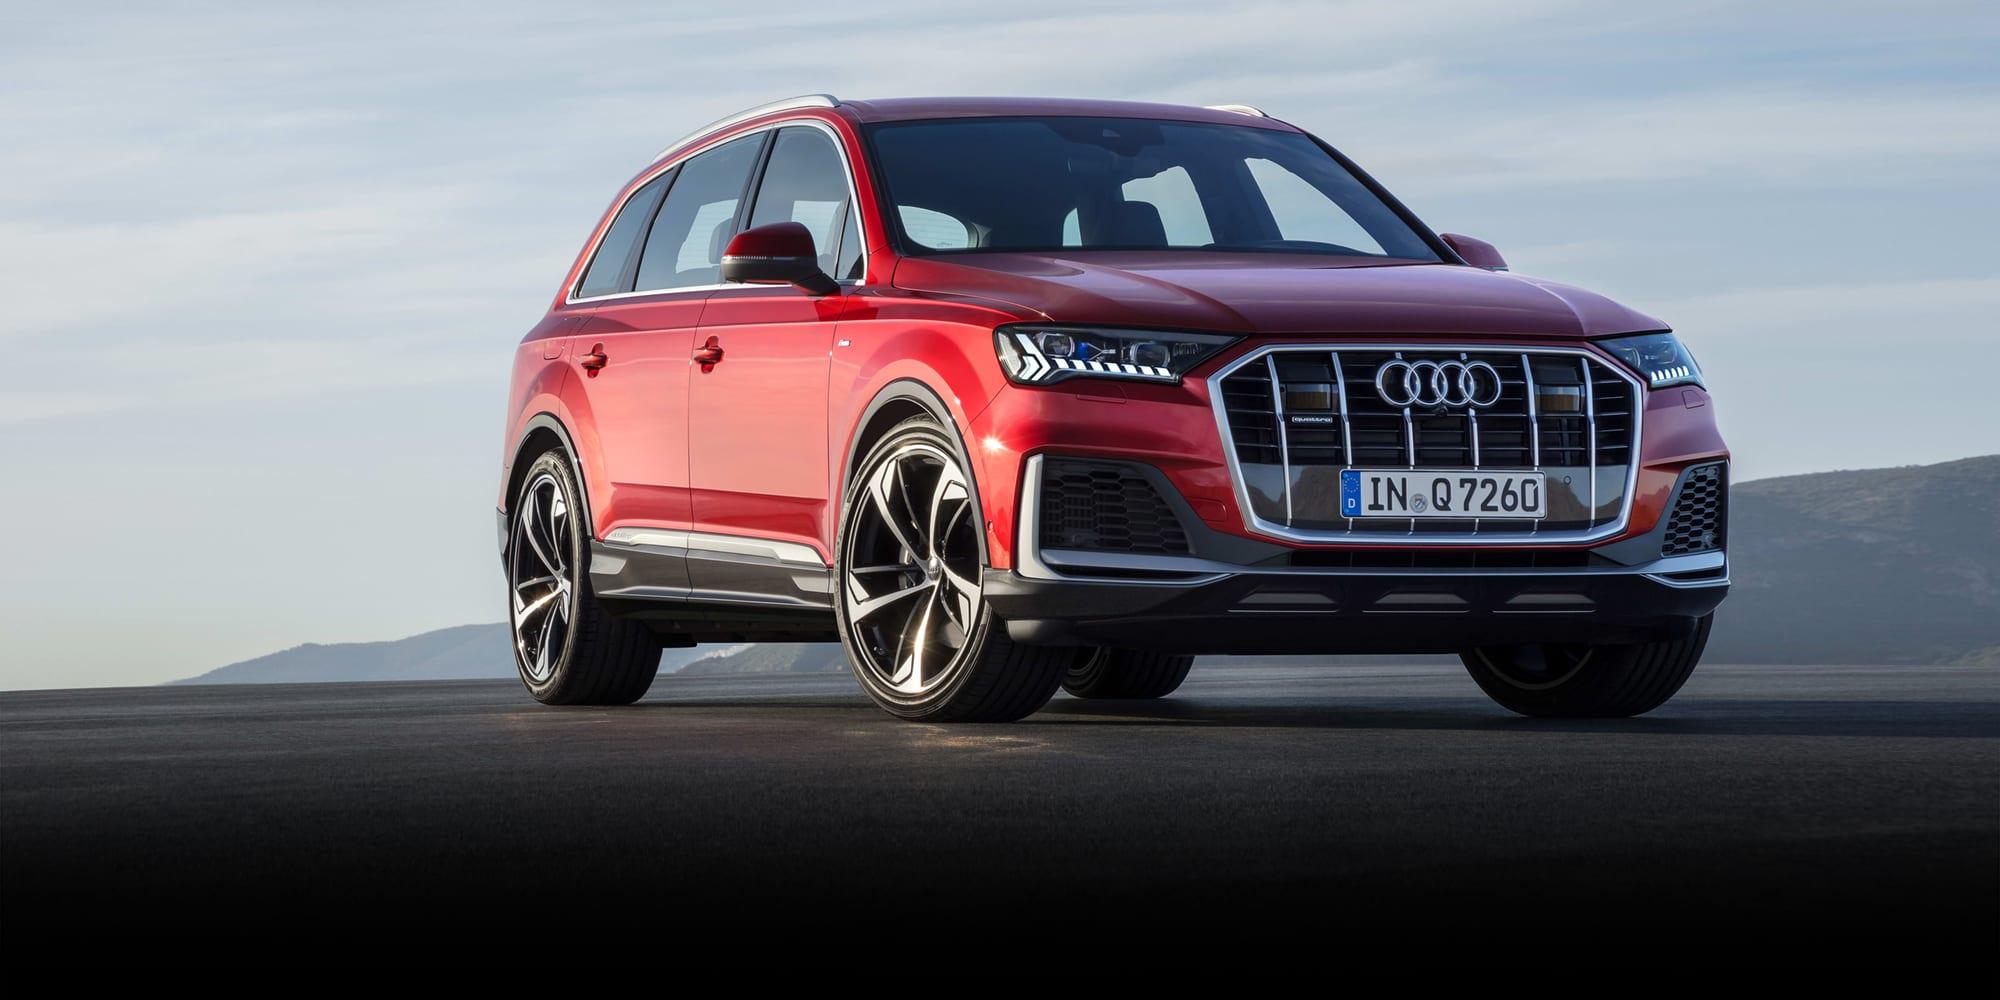 2020 Audi Q7 Review.2020 Audi Q7 Review Caradvice